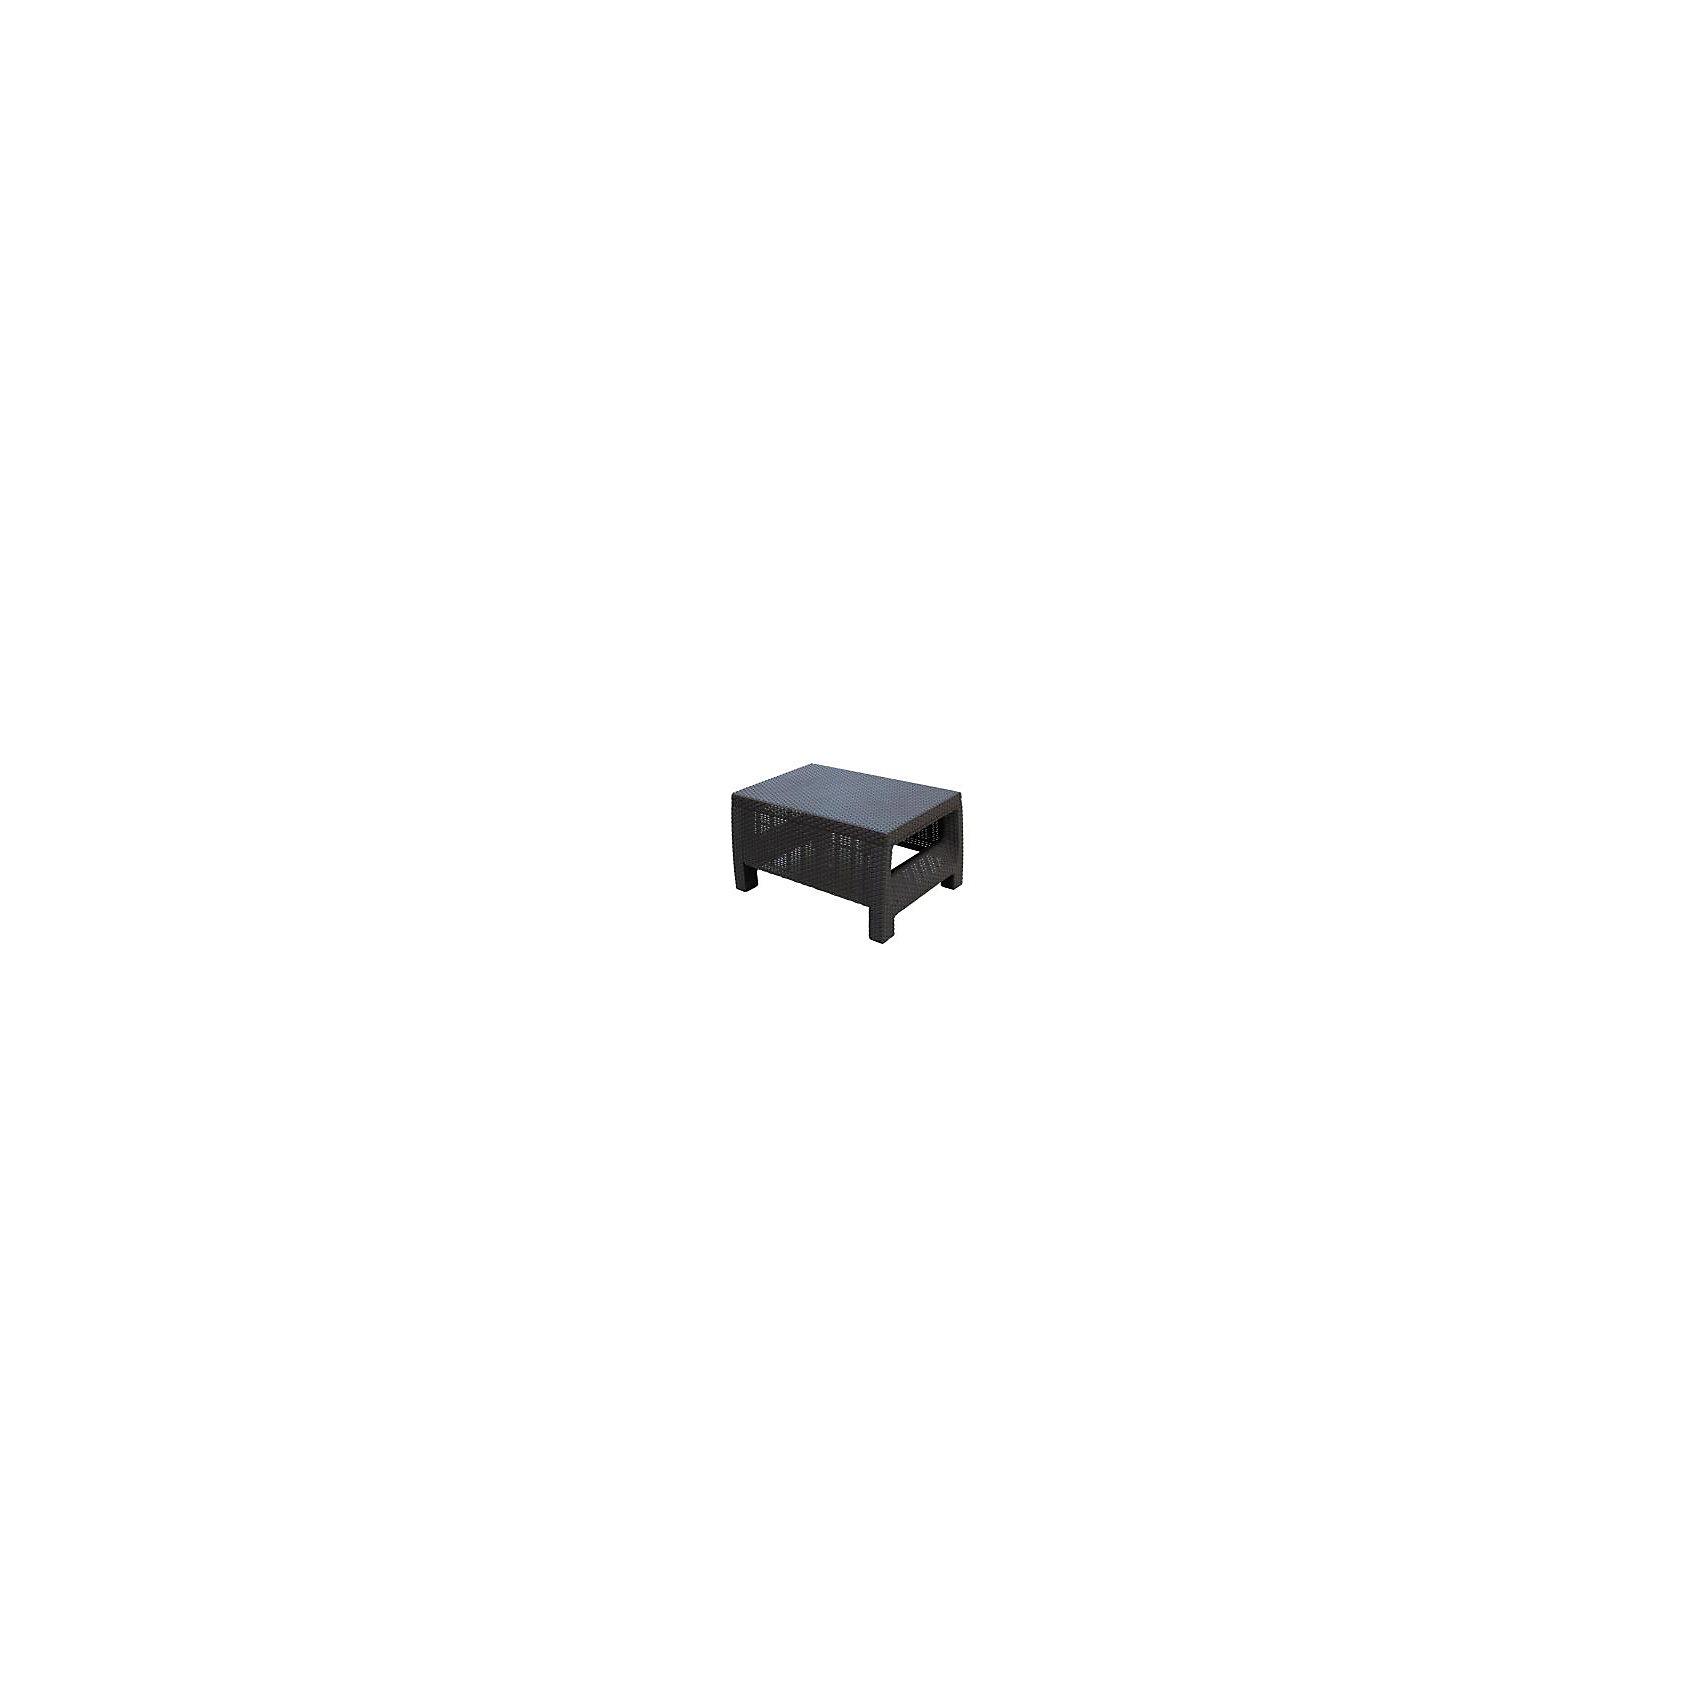 Стол Ротанг, прямоугольный, Alternativa, коричневыйМебель<br>Стол Ротанг 765х570х420, Alternativa (Альтернатива), коричневый<br><br>Характеристики:<br><br>• подходит в качестве журнального столика<br>• приятный дизайн<br>• материал: пластик<br>• размер стола: 76,5х57х42 см<br>• вес: 3,38 кг<br>• цвет: коричневый<br><br>Универсальный стол Ротанг отлично подойдет в качестве журнального столика, подставки или стола для отдыха на природе. Лаконичный дизайн прекрасно подходит к любому интерьеру. Широкие ножки гарантируют столу устойчивость на любой поверхности. Стол Ротанг изготовлен из качественного пластика с высокой прочностью.<br><br>Стол Ротанг 765х570х420, Alternativa (Альтернатива), коричневый вы можете купить в нашем интернет-магазине.<br><br>Ширина мм: 765<br>Глубина мм: 570<br>Высота мм: 420<br>Вес г: 4100<br>Возраст от месяцев: 12<br>Возраст до месяцев: 1188<br>Пол: Унисекс<br>Возраст: Детский<br>SKU: 5436208